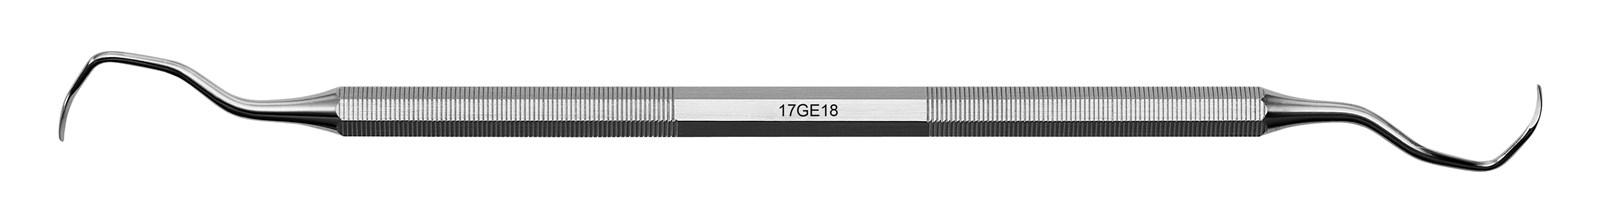 Kyreta Gracey Classic - 17GE18, ADEP silikonový návlek žlutý